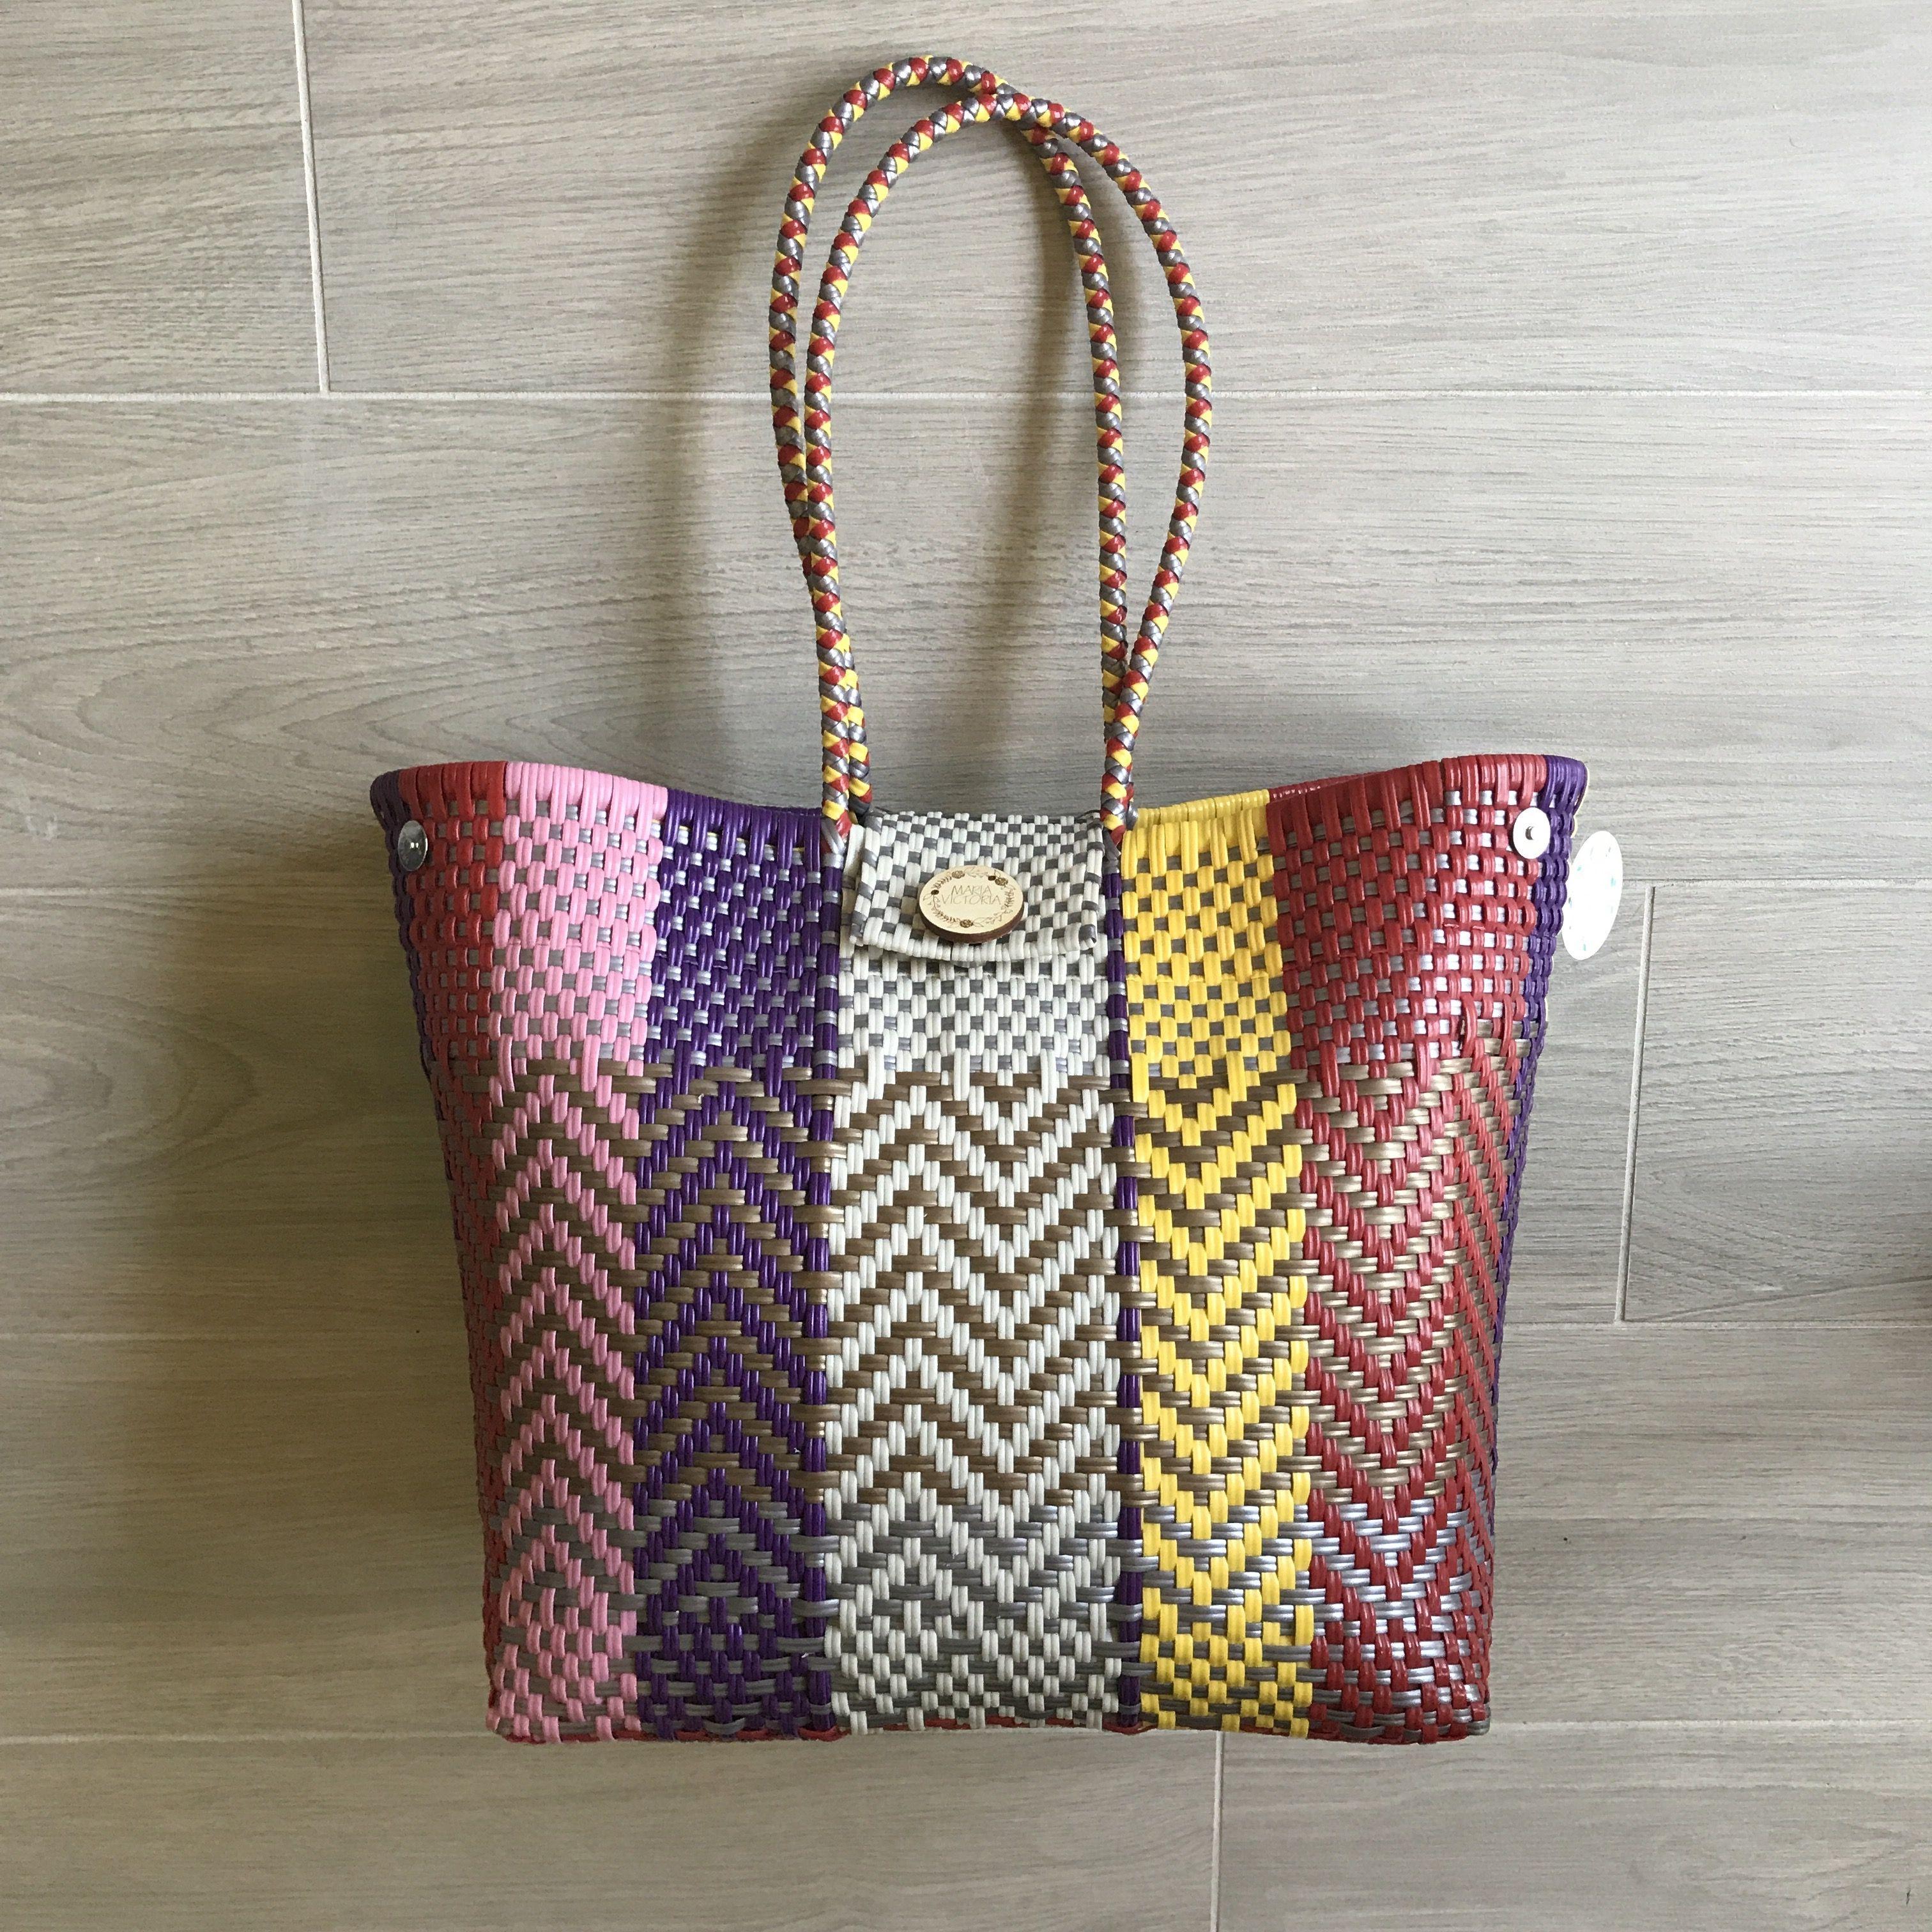 Maria Victoria Handbags Accesories Contemporary Handmade Mexican Accessories